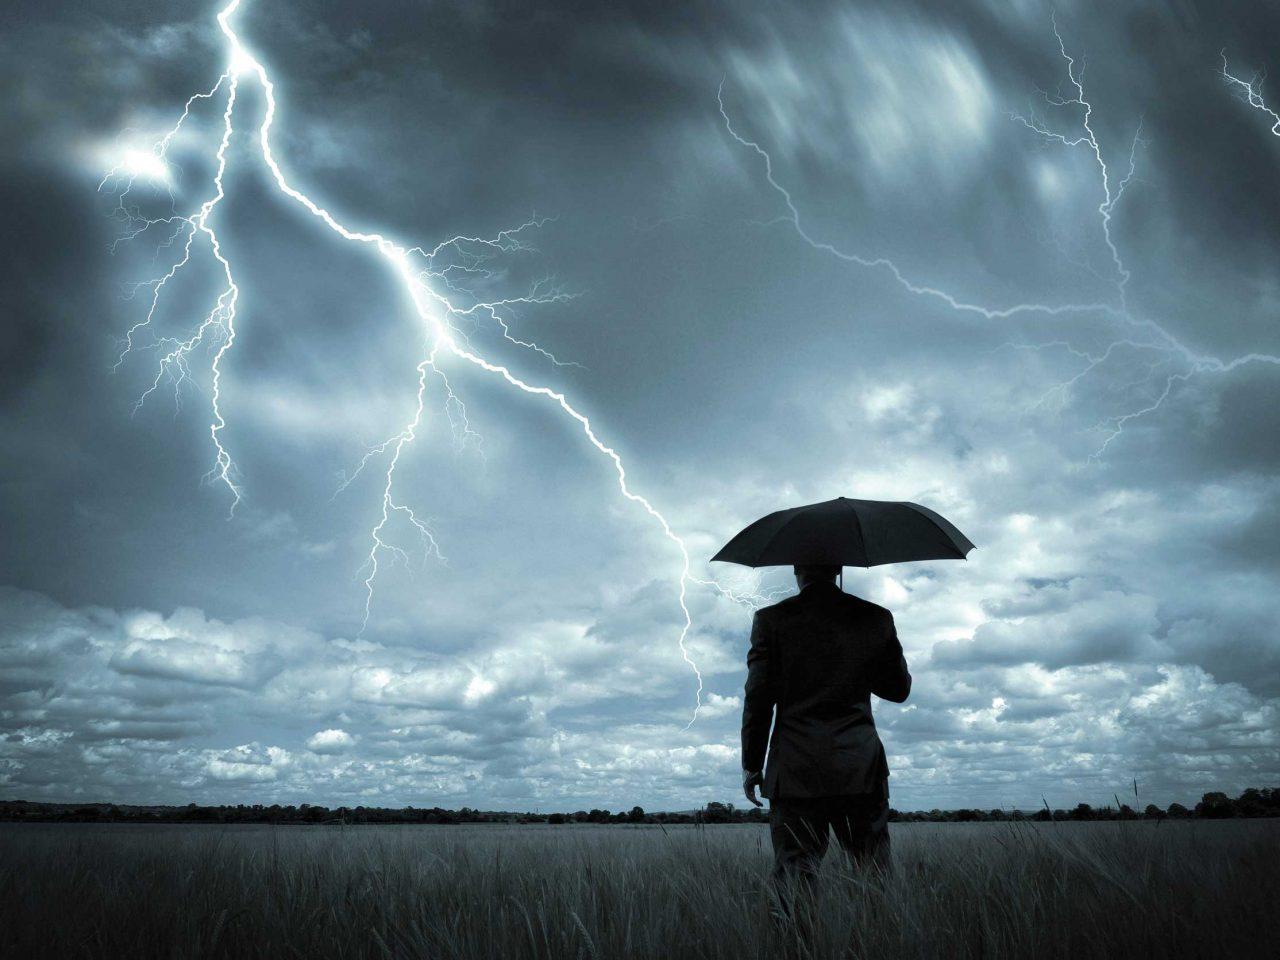 Επιδείνωση του καιρού ονόματι… «Αντίνοος» - Σε ποιες περιοχές θα «χτυπήσει»